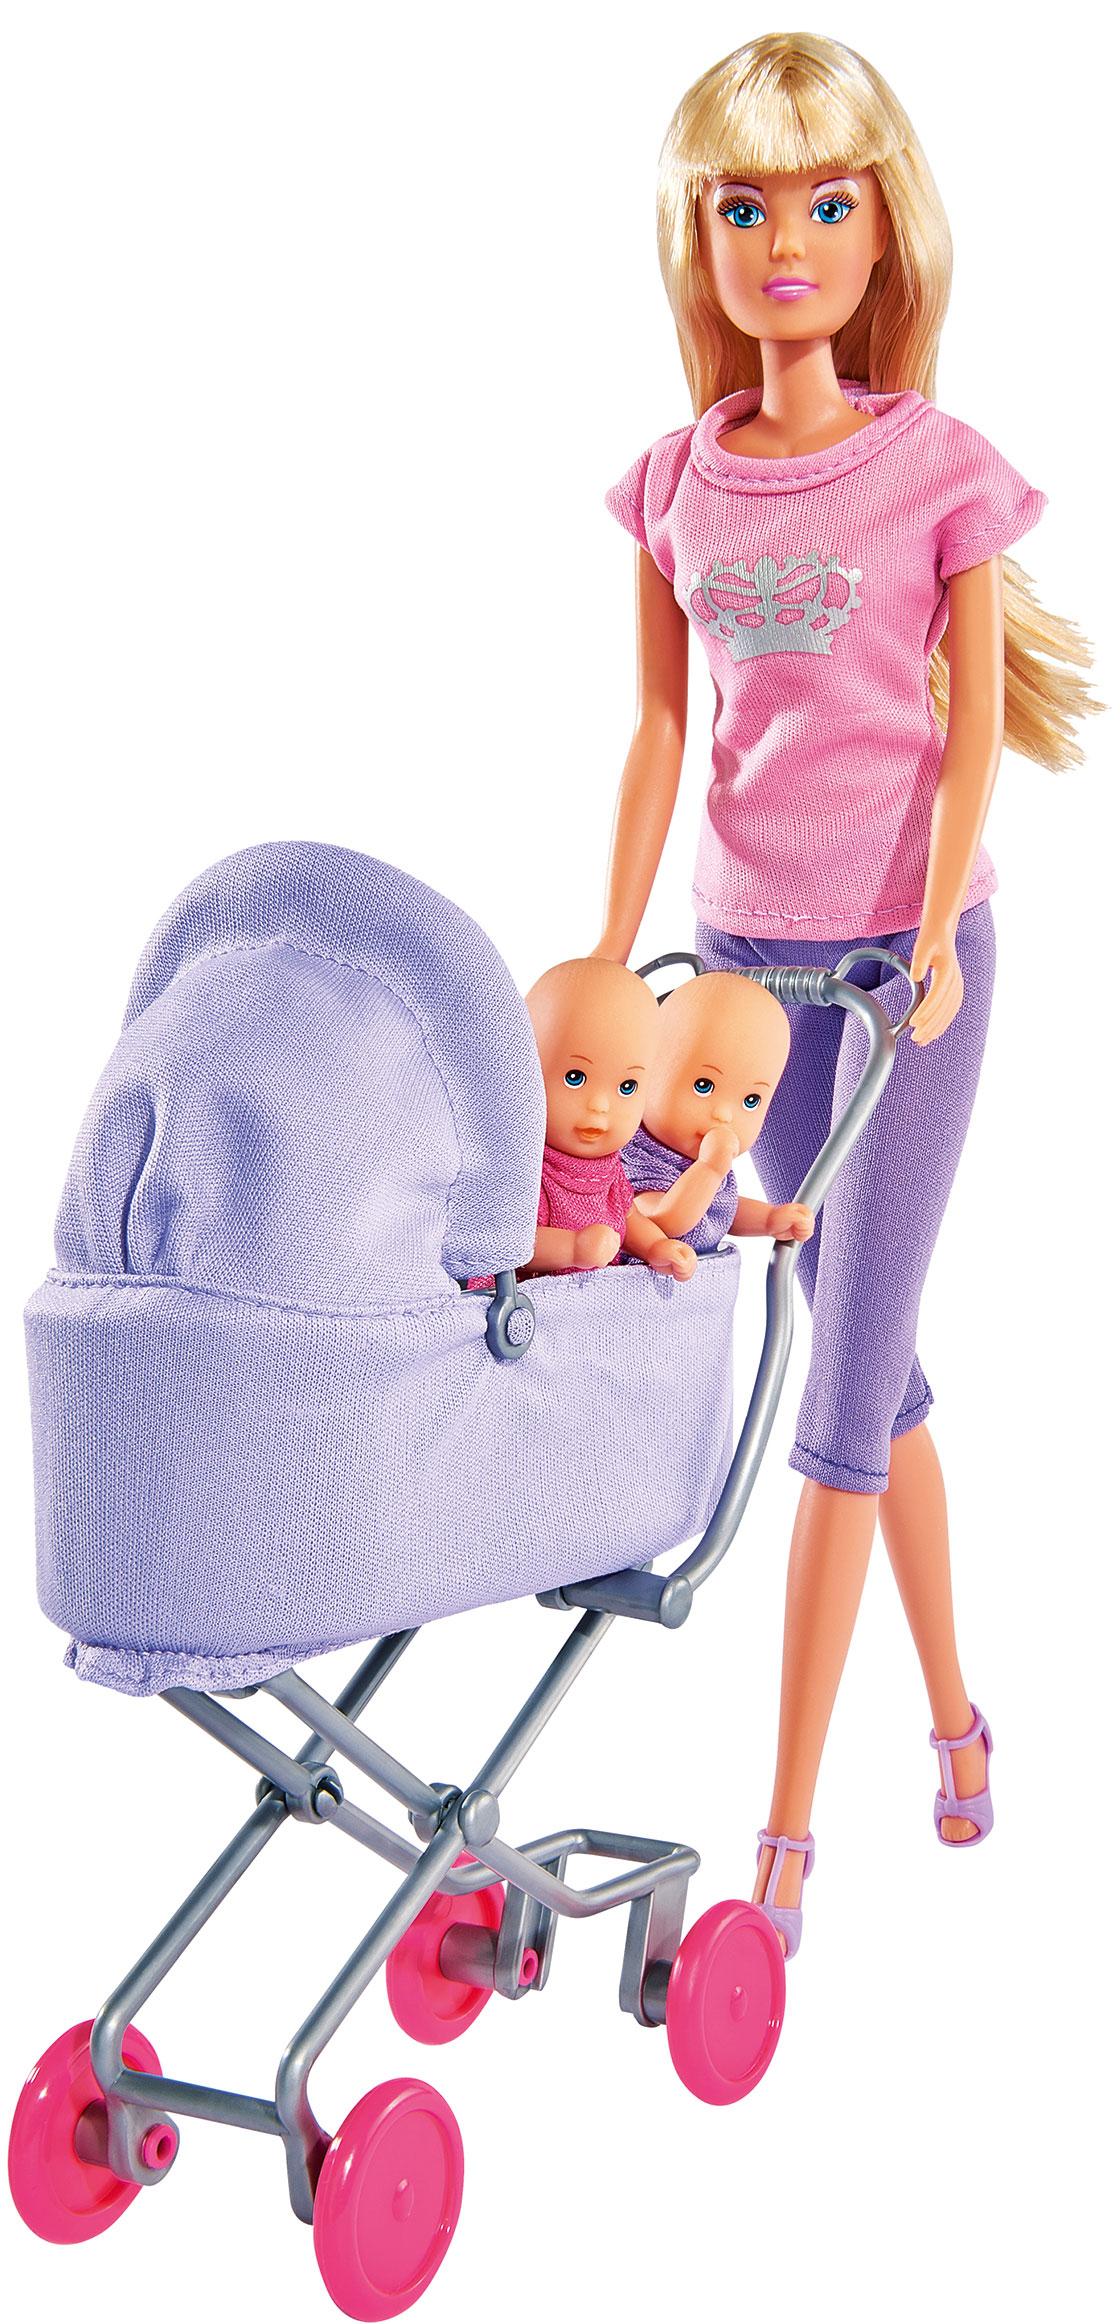 Simba Игровой набор с куклой Штеффи с коляской цвет сиреневый розовый5738060_сиреневый розовыйКукла Simba Штеффи с коляской надолго займет внимание вашей малышки и подарит ей множество счастливых мгновений. Кукла изготовлена из пластика, ее голова, ручки и ножки подвижны, что позволяет придавать ей разнообразные позы. В комплект входит коляска, две куколки детей и разнообразные аксессуары для них: соска, бутылочки, посуда и игрушки. Куколка одета в удобное и стильное платье, украшенное рисунком с сердечками. Наряд дополняют розовые босоножки. Чудесные длинные волосы куклы так весело расчесывать и создавать из них всевозможные прически, плести косички, жгутики и хвостики. Ручки, ножки и голова у куклы и пупсиков подвижные. Колеса у коляски крутятся, верх откидывается. Благодаря играм с куклой, ваша малышка сможет развить фантазию и любознательность, овладеть навыками общения и научиться ответственности, а дополнительные аксессуары сделают игру еще увлекательнее. Порадуйте свою принцессу таким прекрасным подарком!